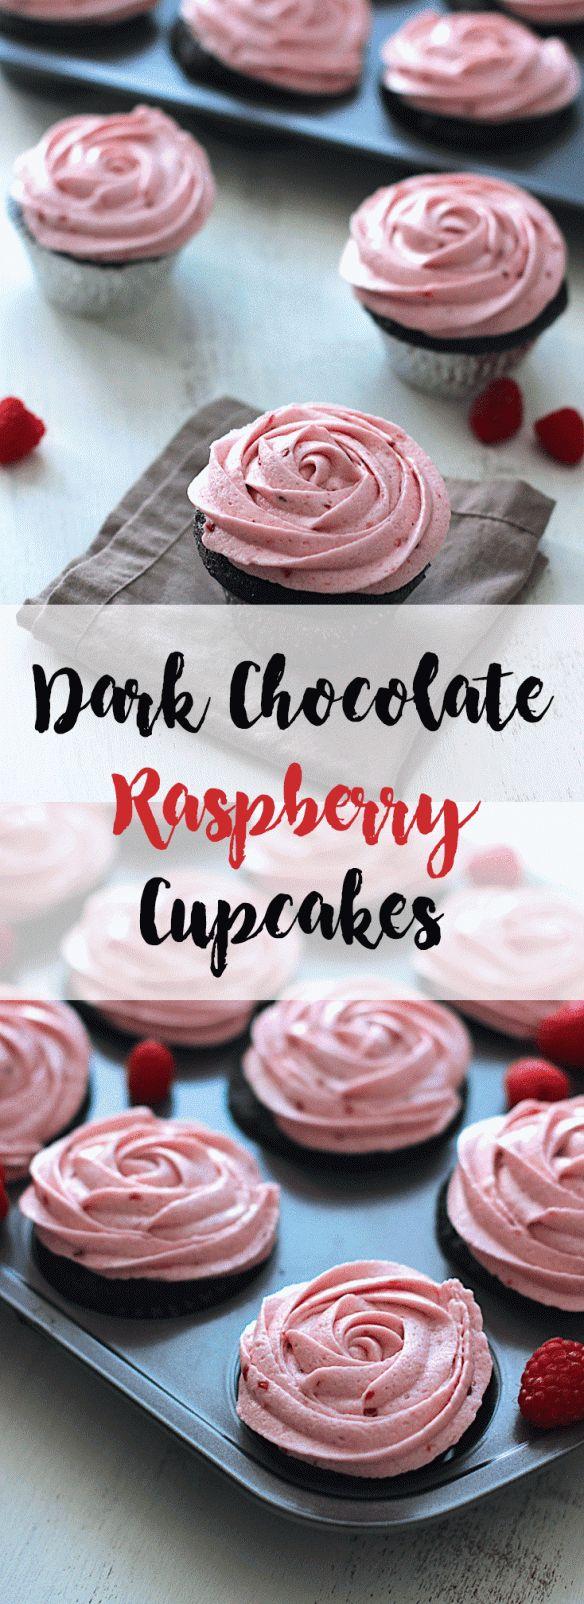 Petits gâteaux au chocolat noir et framboises   Nerd Cooks #bakingcupcakes   – On the menu